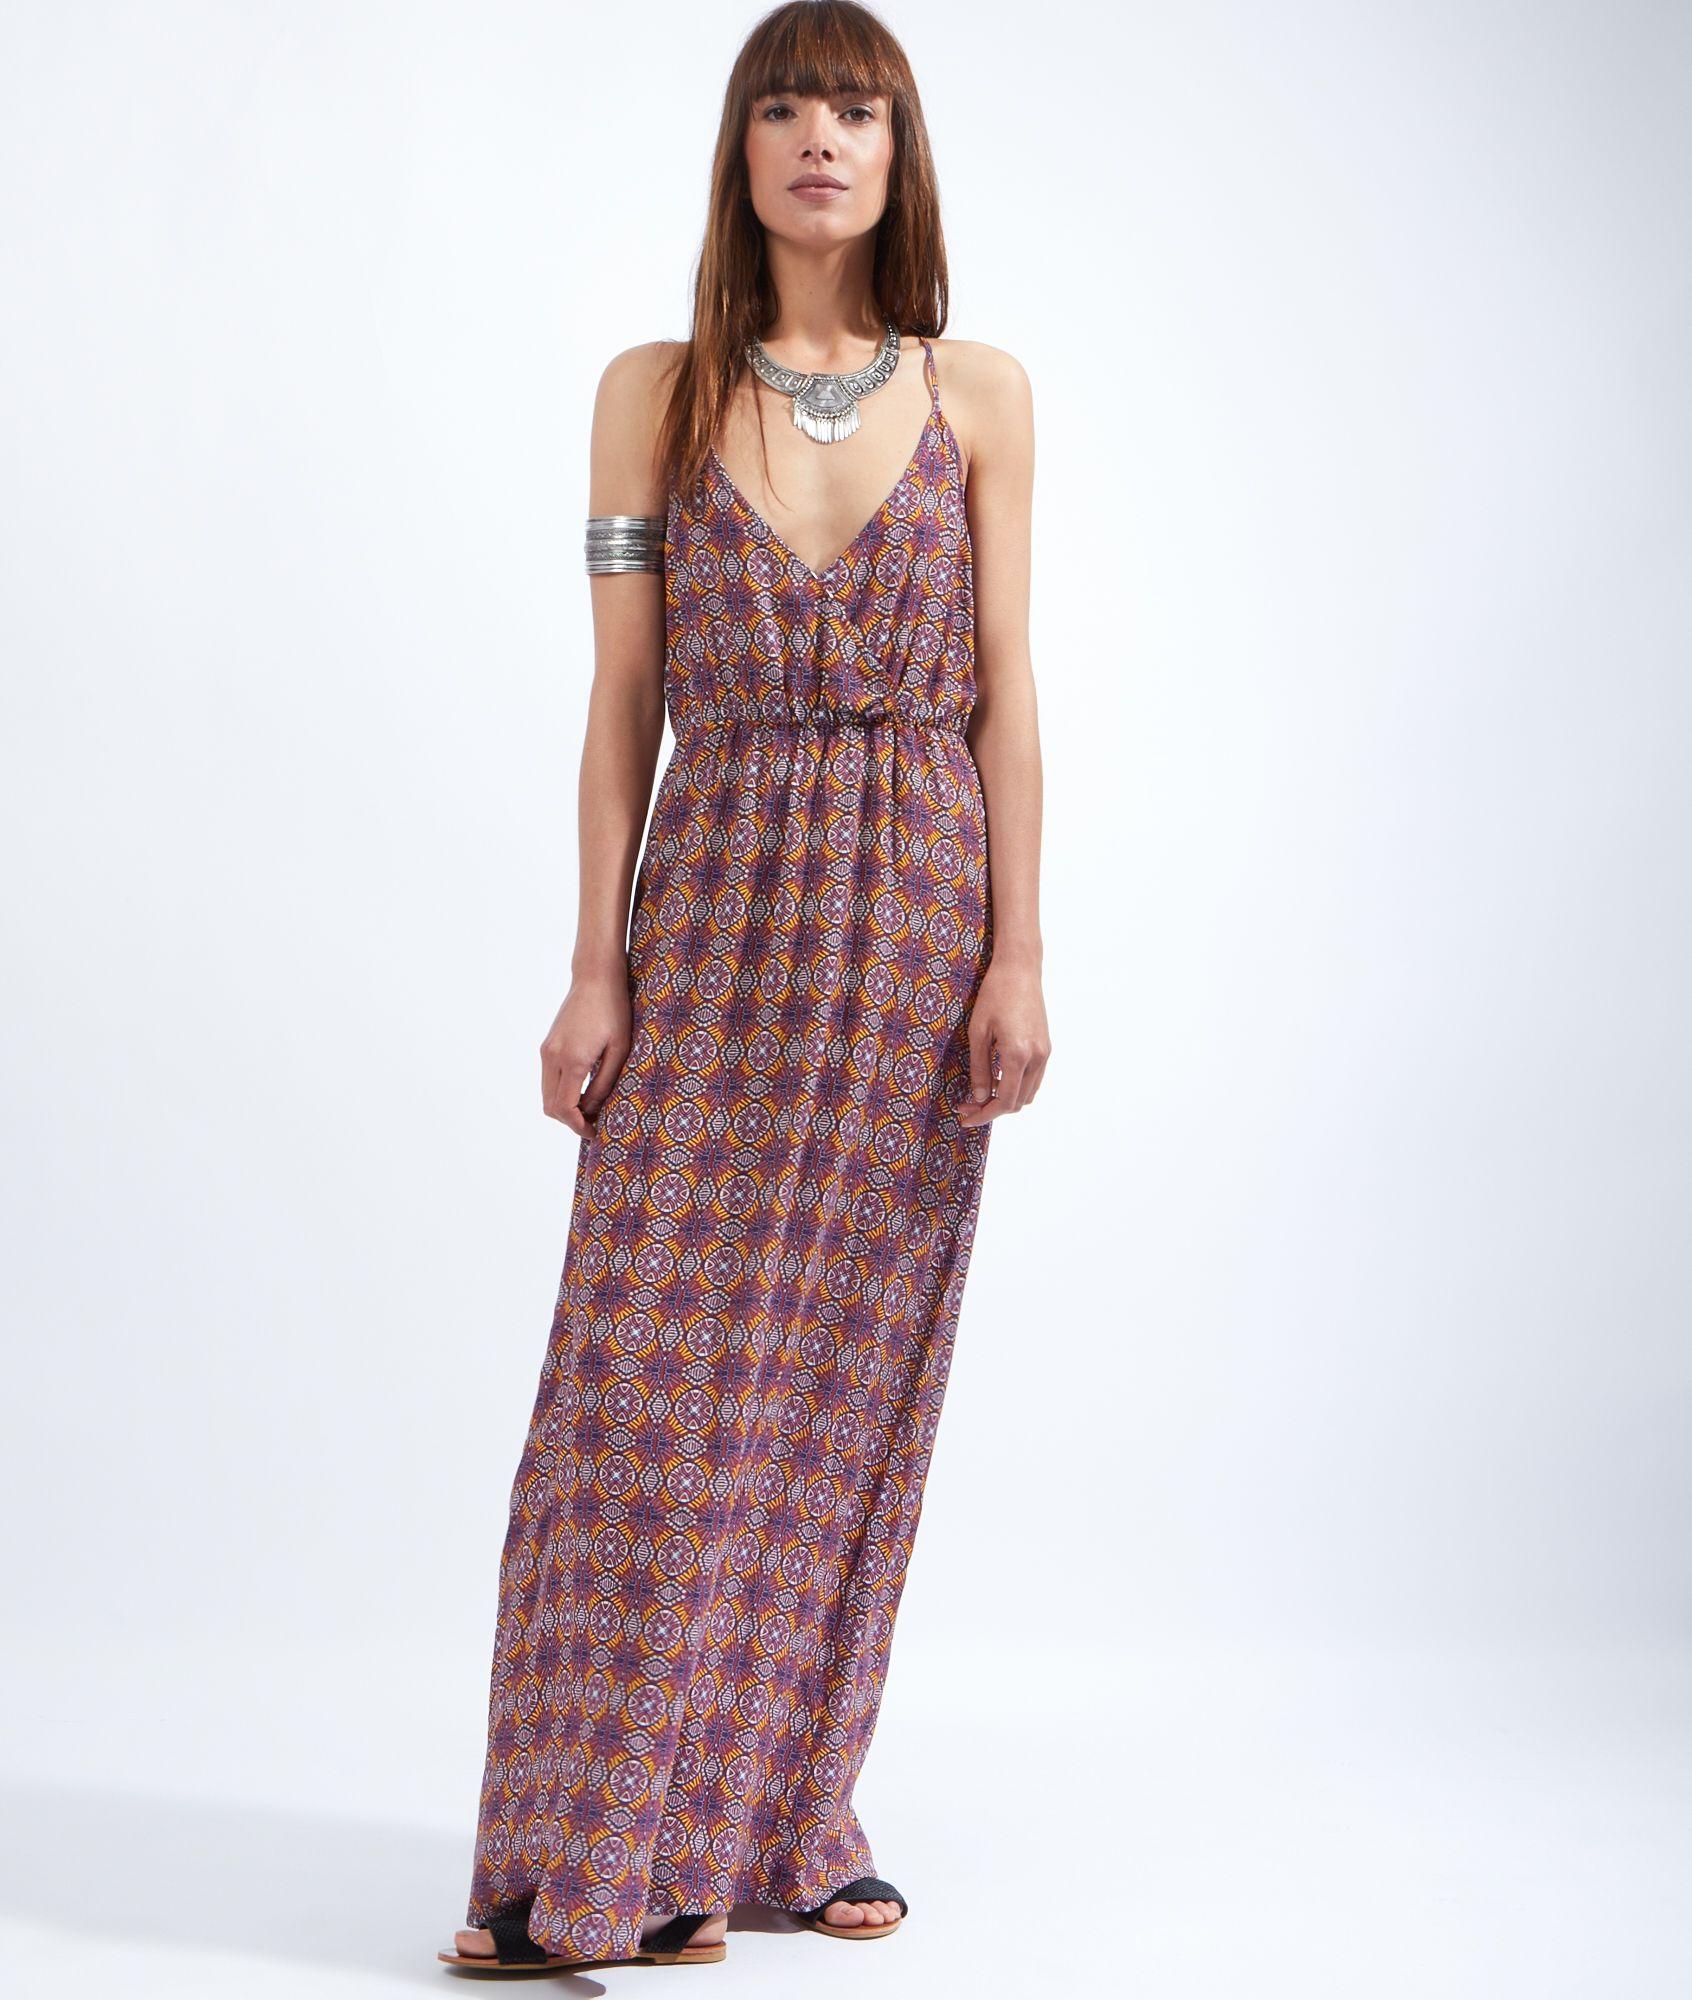 robe longue fluide a bretelle les robes sont populaires partout dans le monde. Black Bedroom Furniture Sets. Home Design Ideas